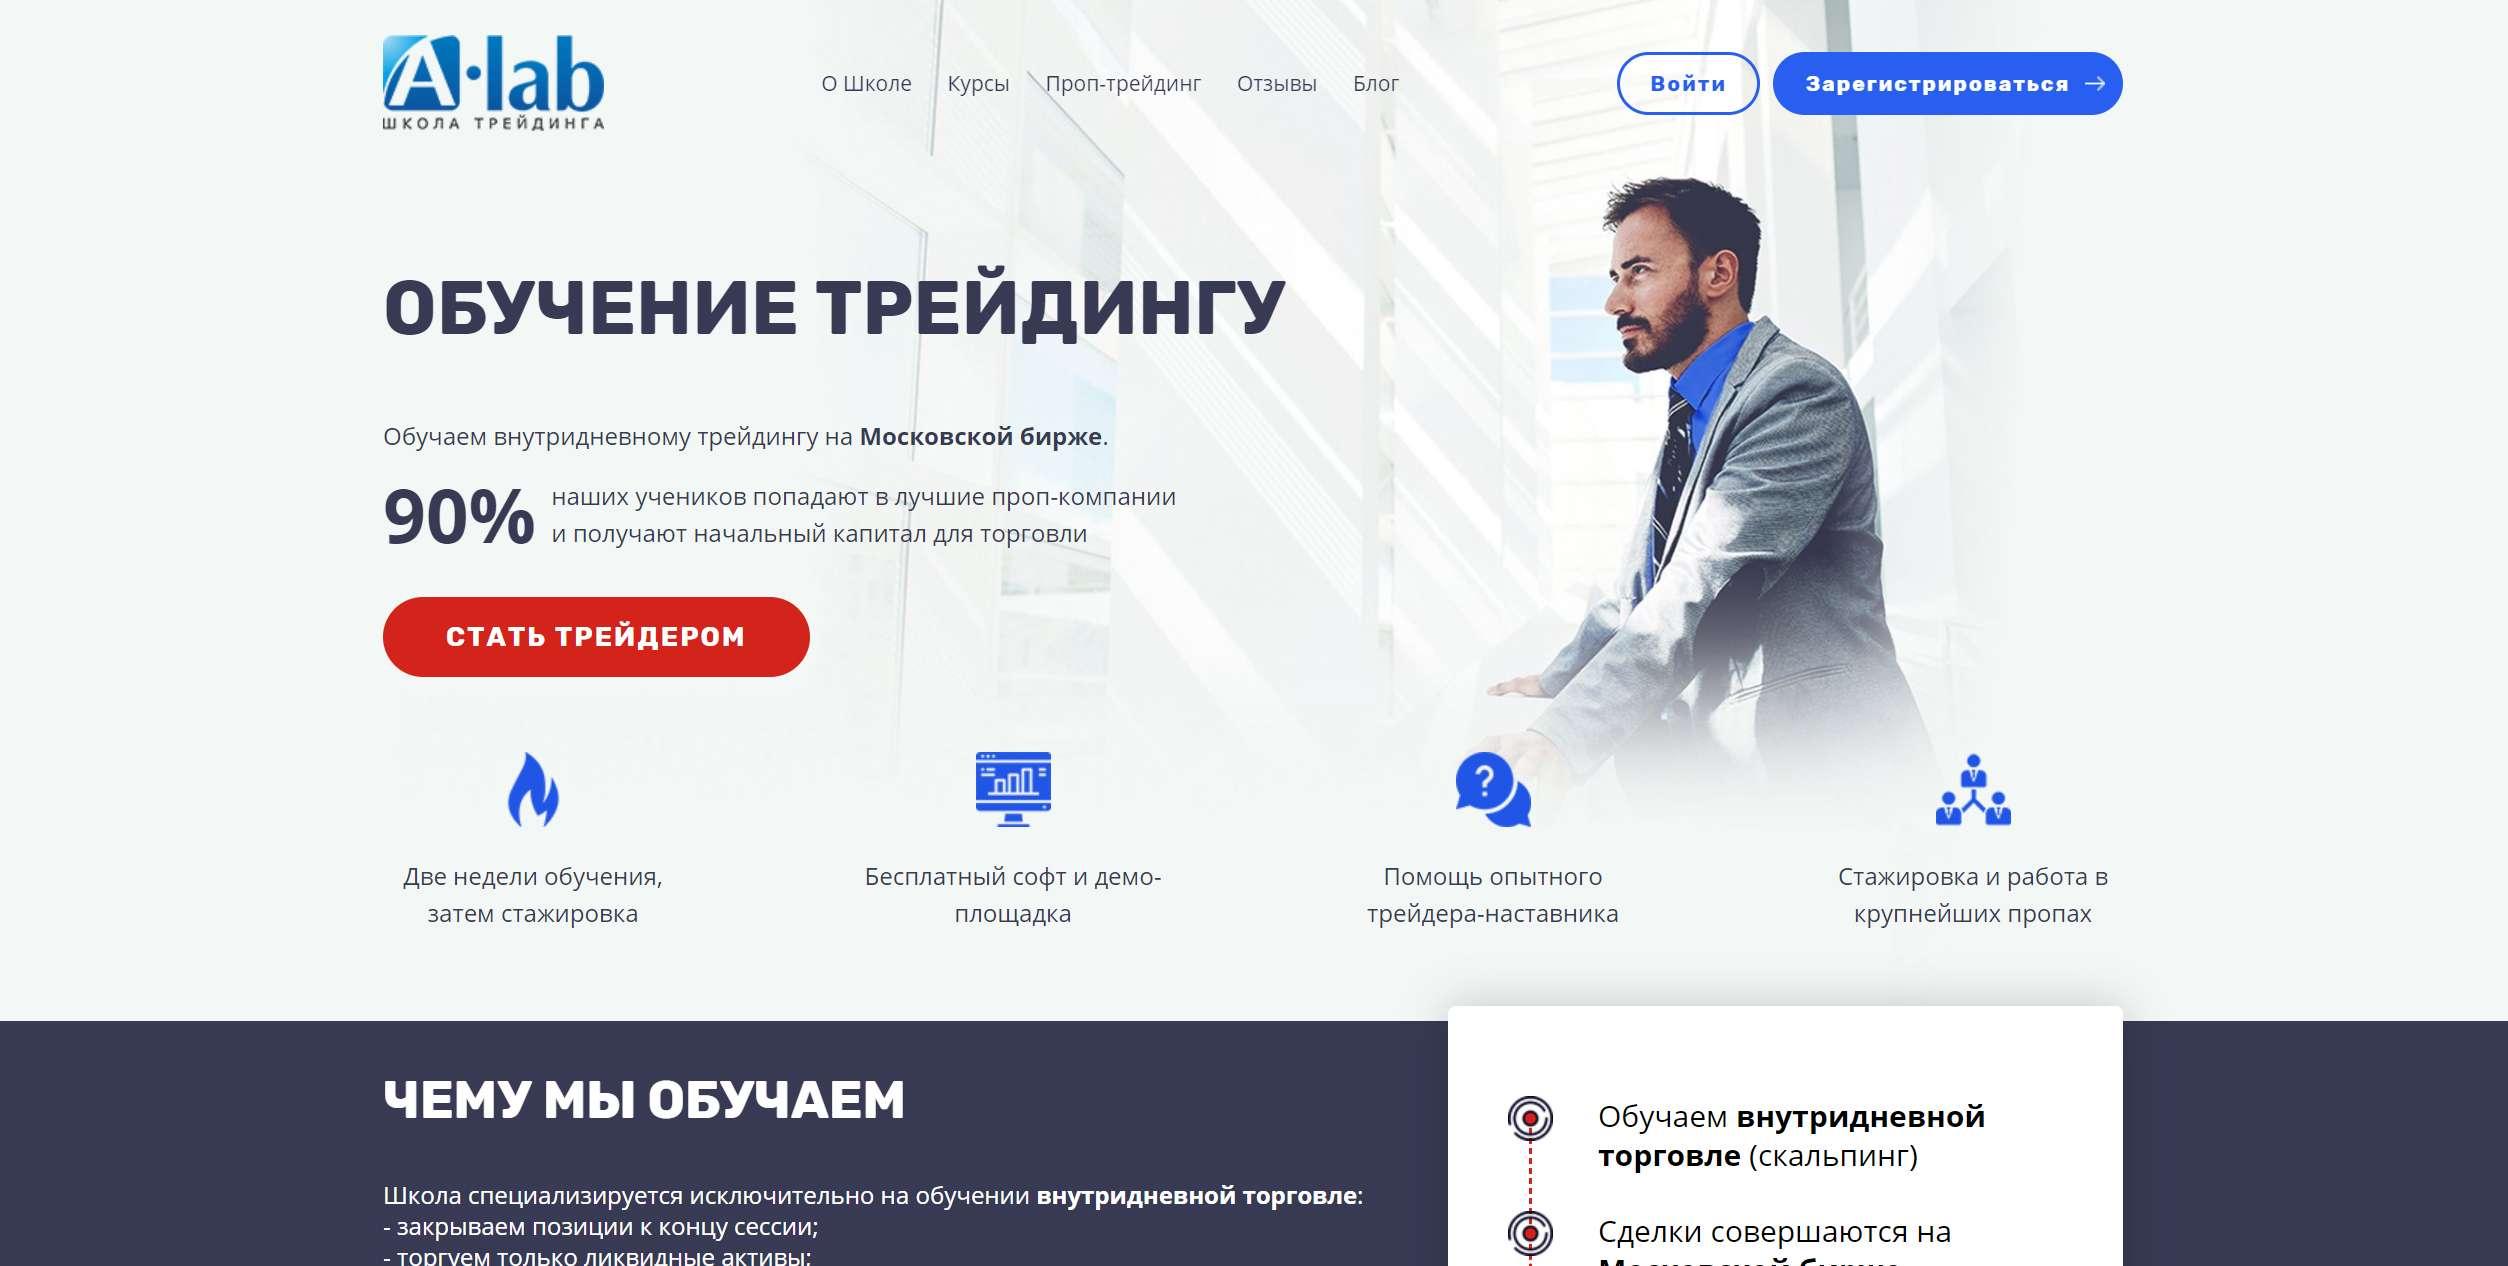 Обзор A-lab.ru Мнение о школе трейдинга.